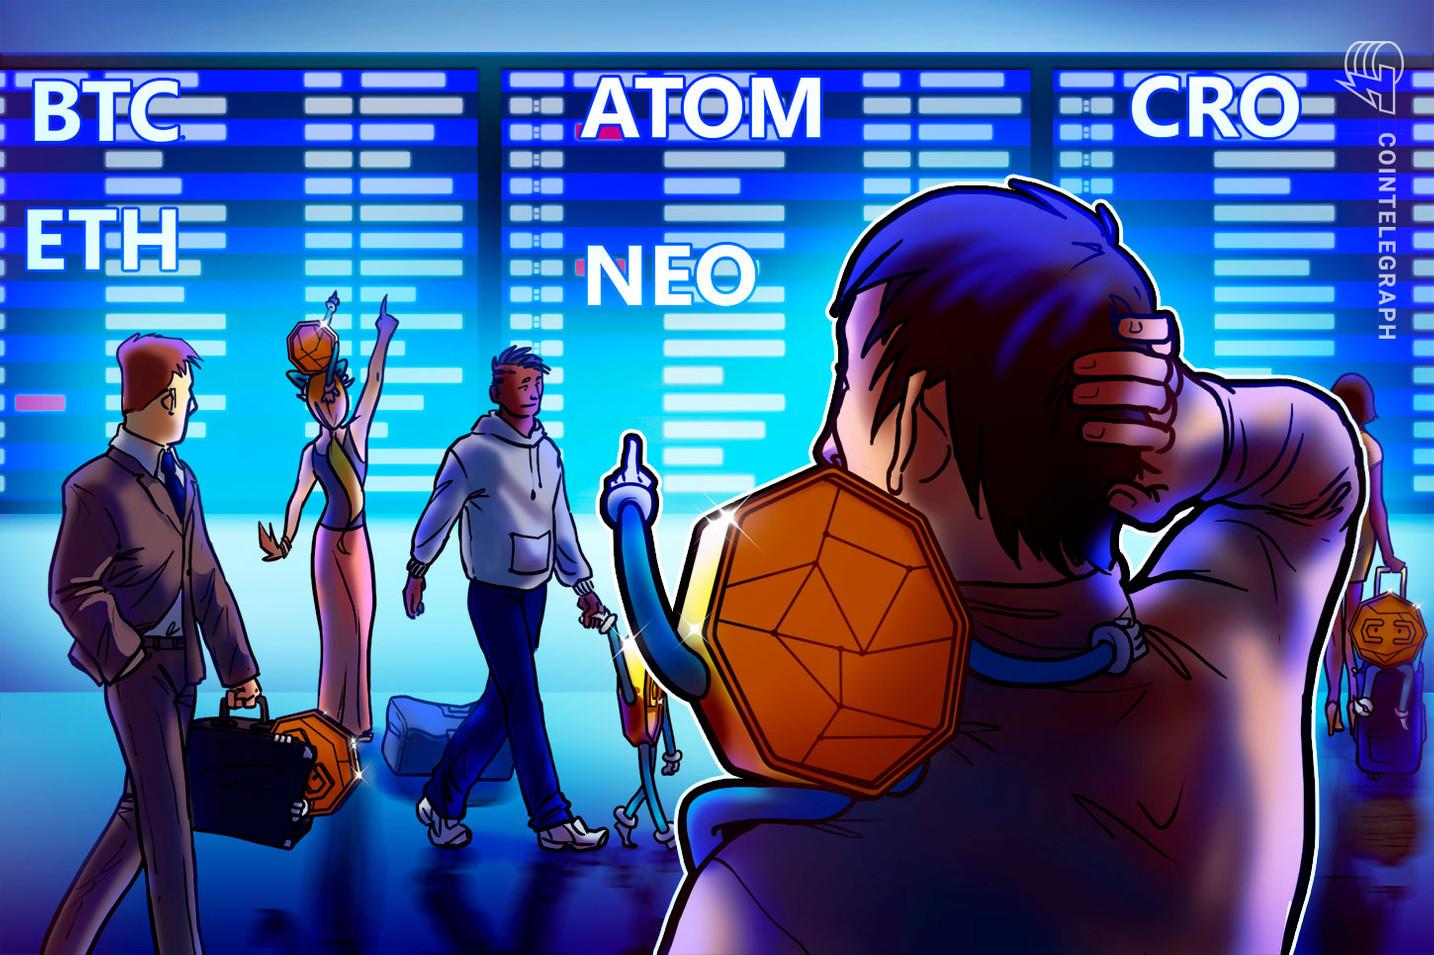 چگونه ارز دیجیتال اتم بفروشم